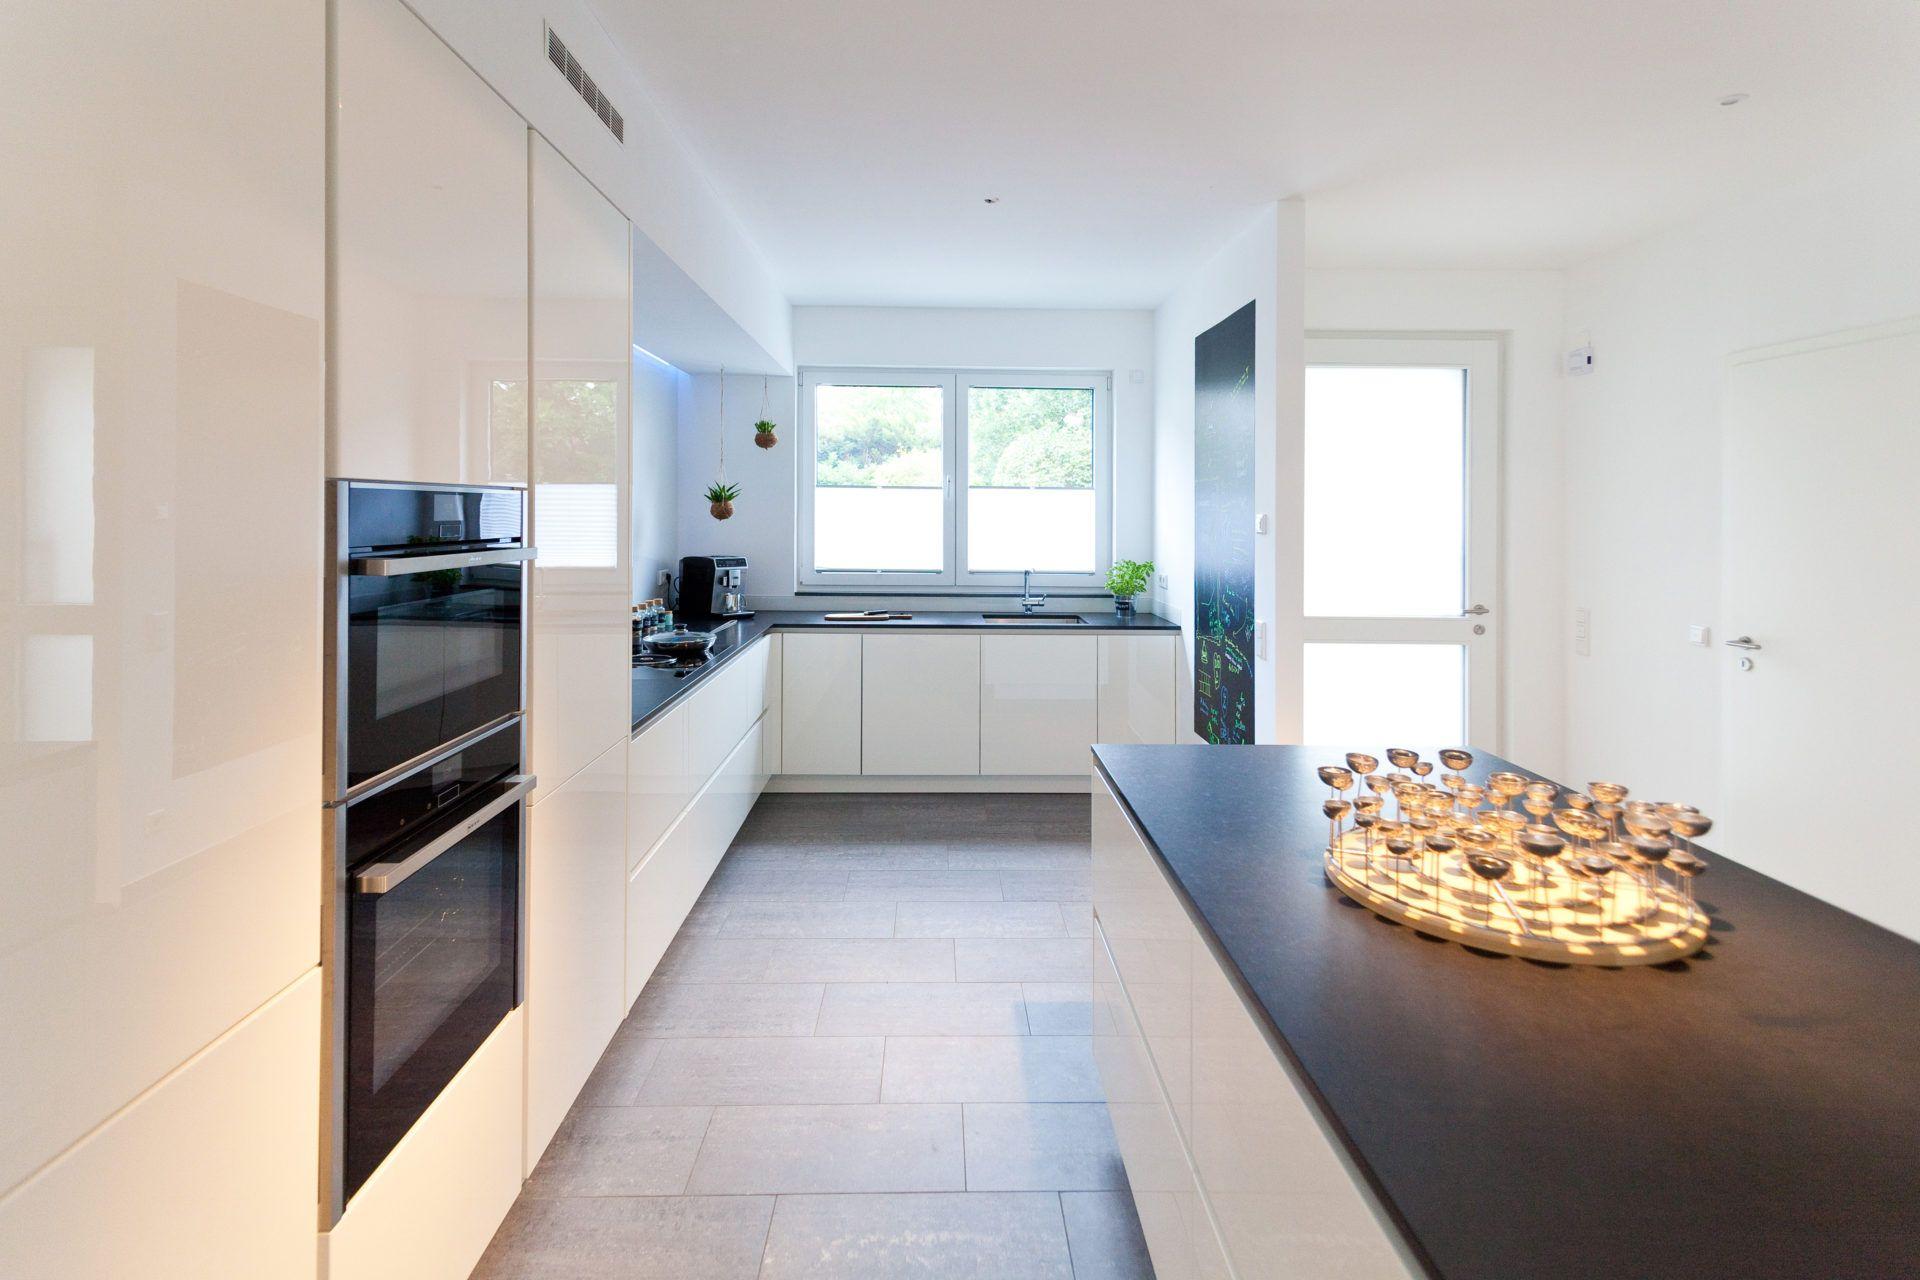 Das Zeitlose Charisma Vom Modernen Apartment Design: Kleines